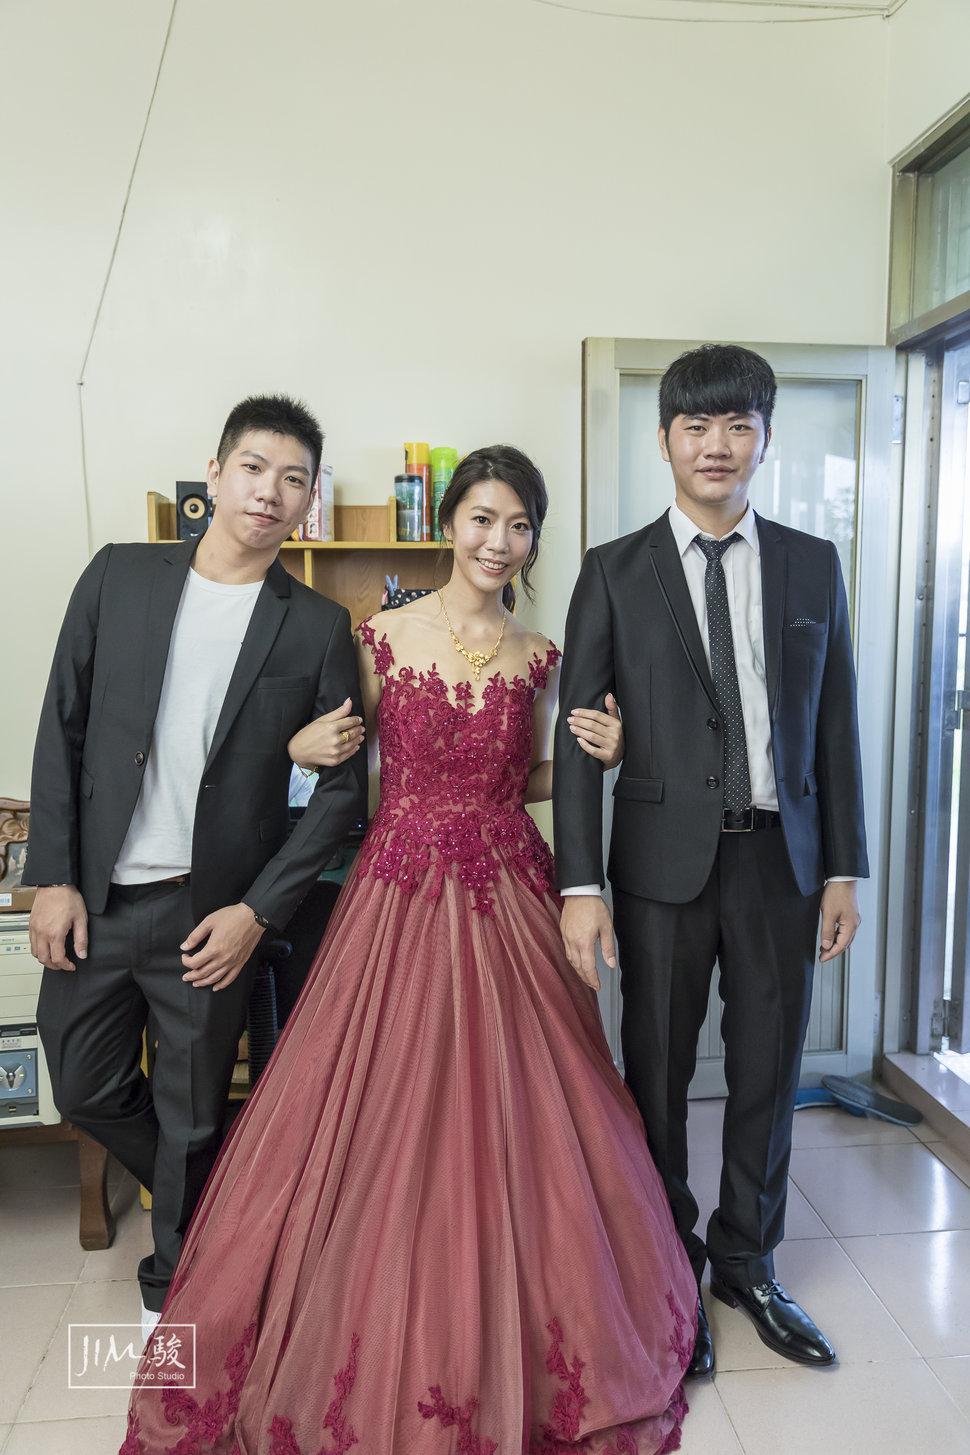 16' 1029 小靖&小龍 文定儀式 @宜蘭(編號:303126) - JIM 駿 PHOTO Studio - 結婚吧